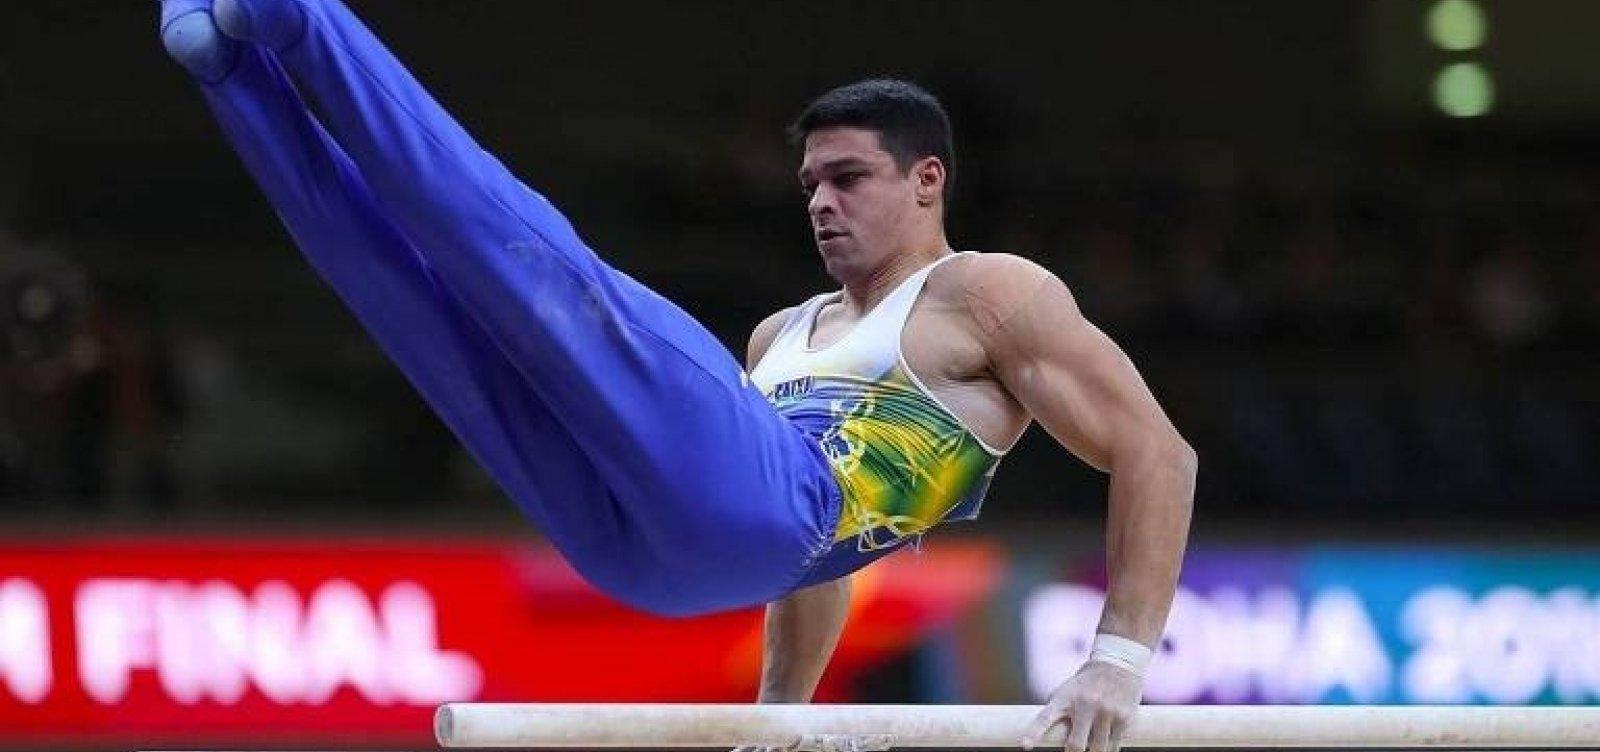 Com falhas, equipe brasileira termina em sétimo no Mundial de ginástica artística